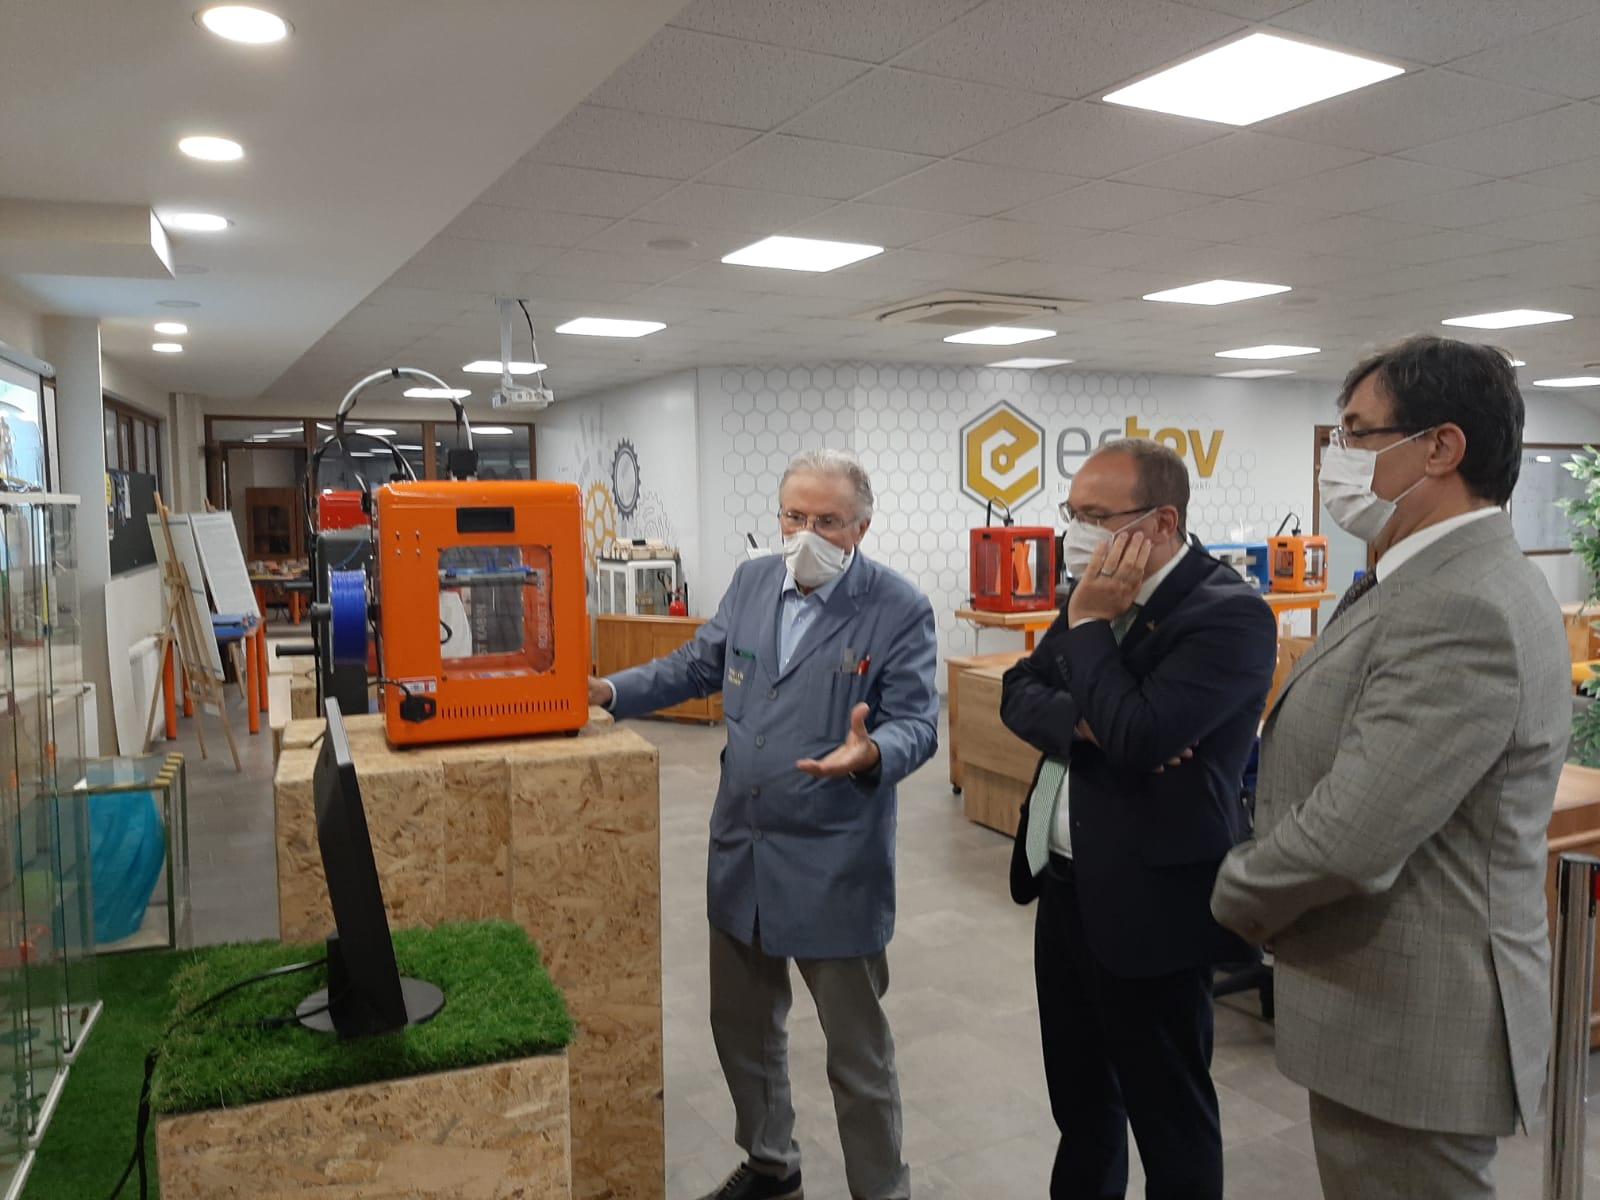 Milli Eğitim Bakanlığı Maarif Müfettişi Denetim Grup Başkanı Sezai Güler Vakfımızı ziyaret etti.